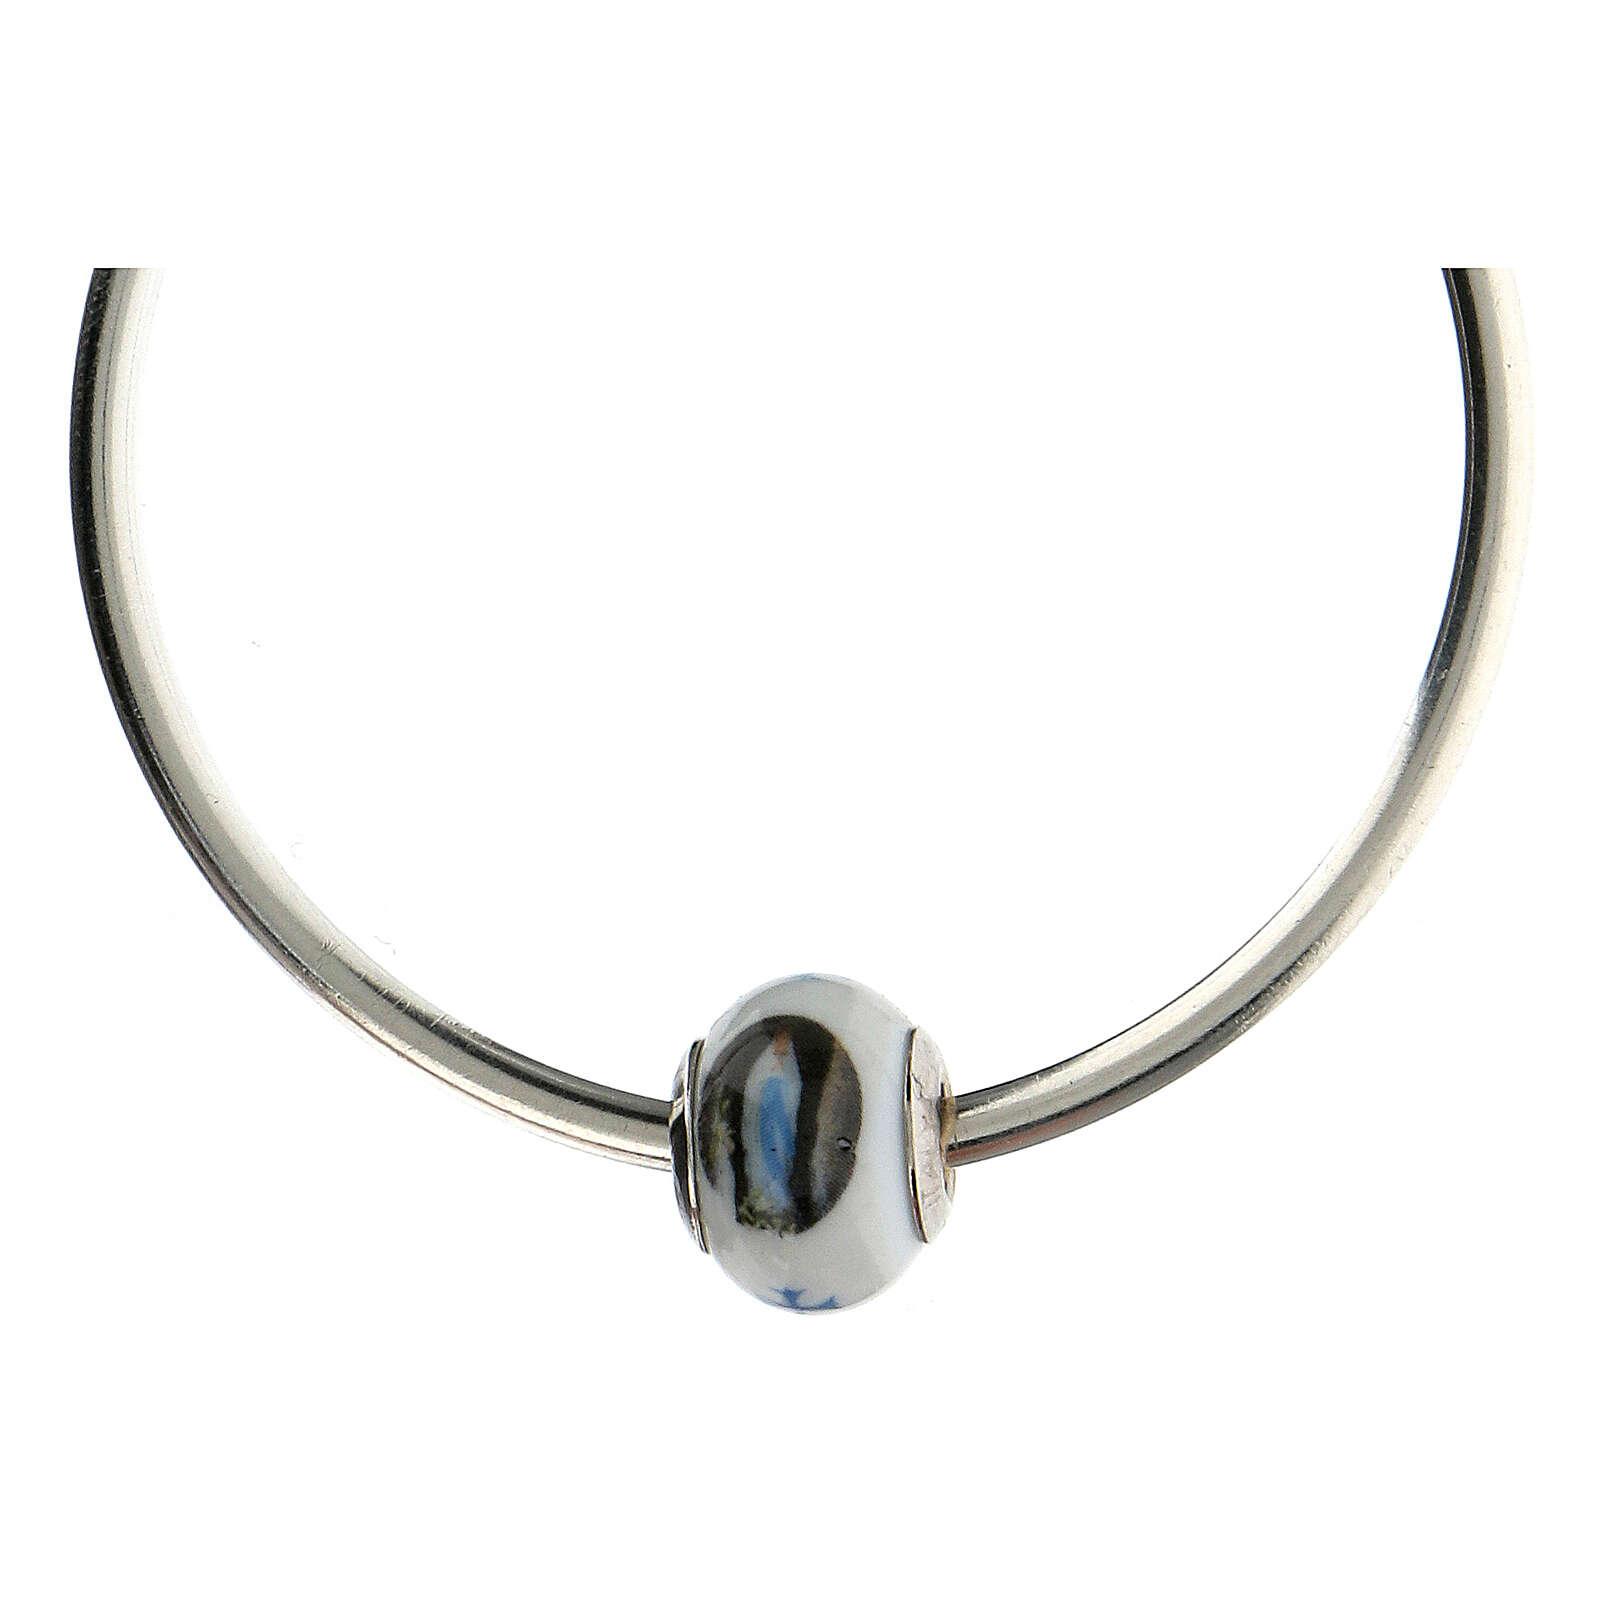 Perla passante bracciali collane Madonna Lourdes vetro Murano argento 925 4